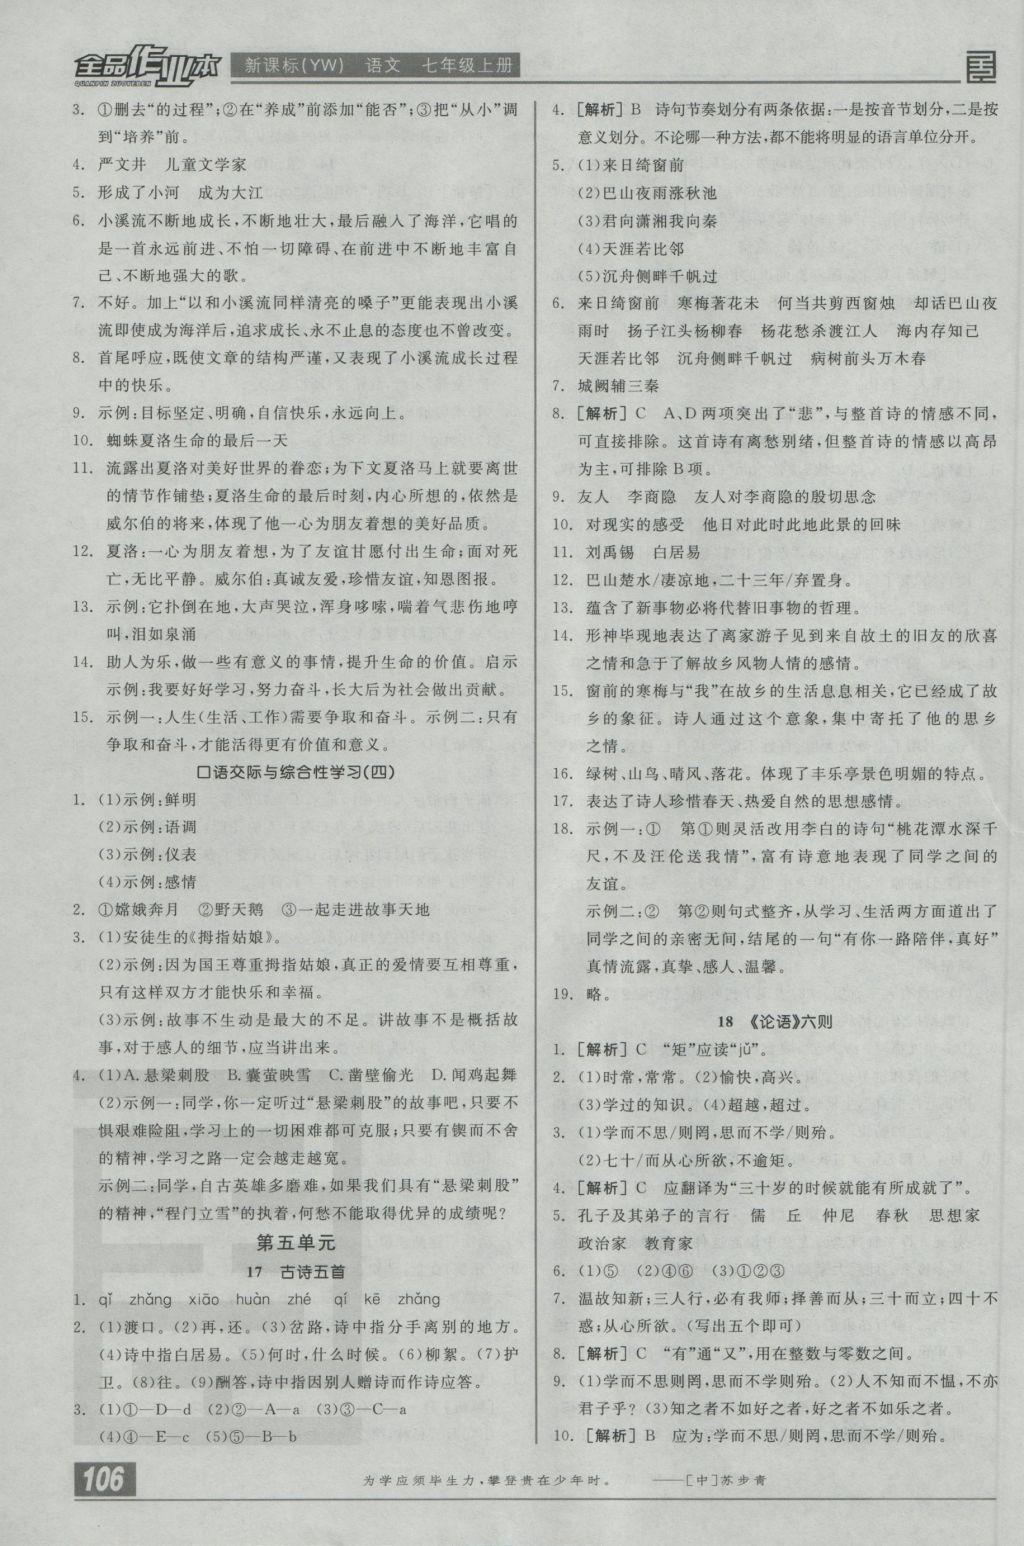 2016年全品作业本七年级语文上册语文版参考答案第8页